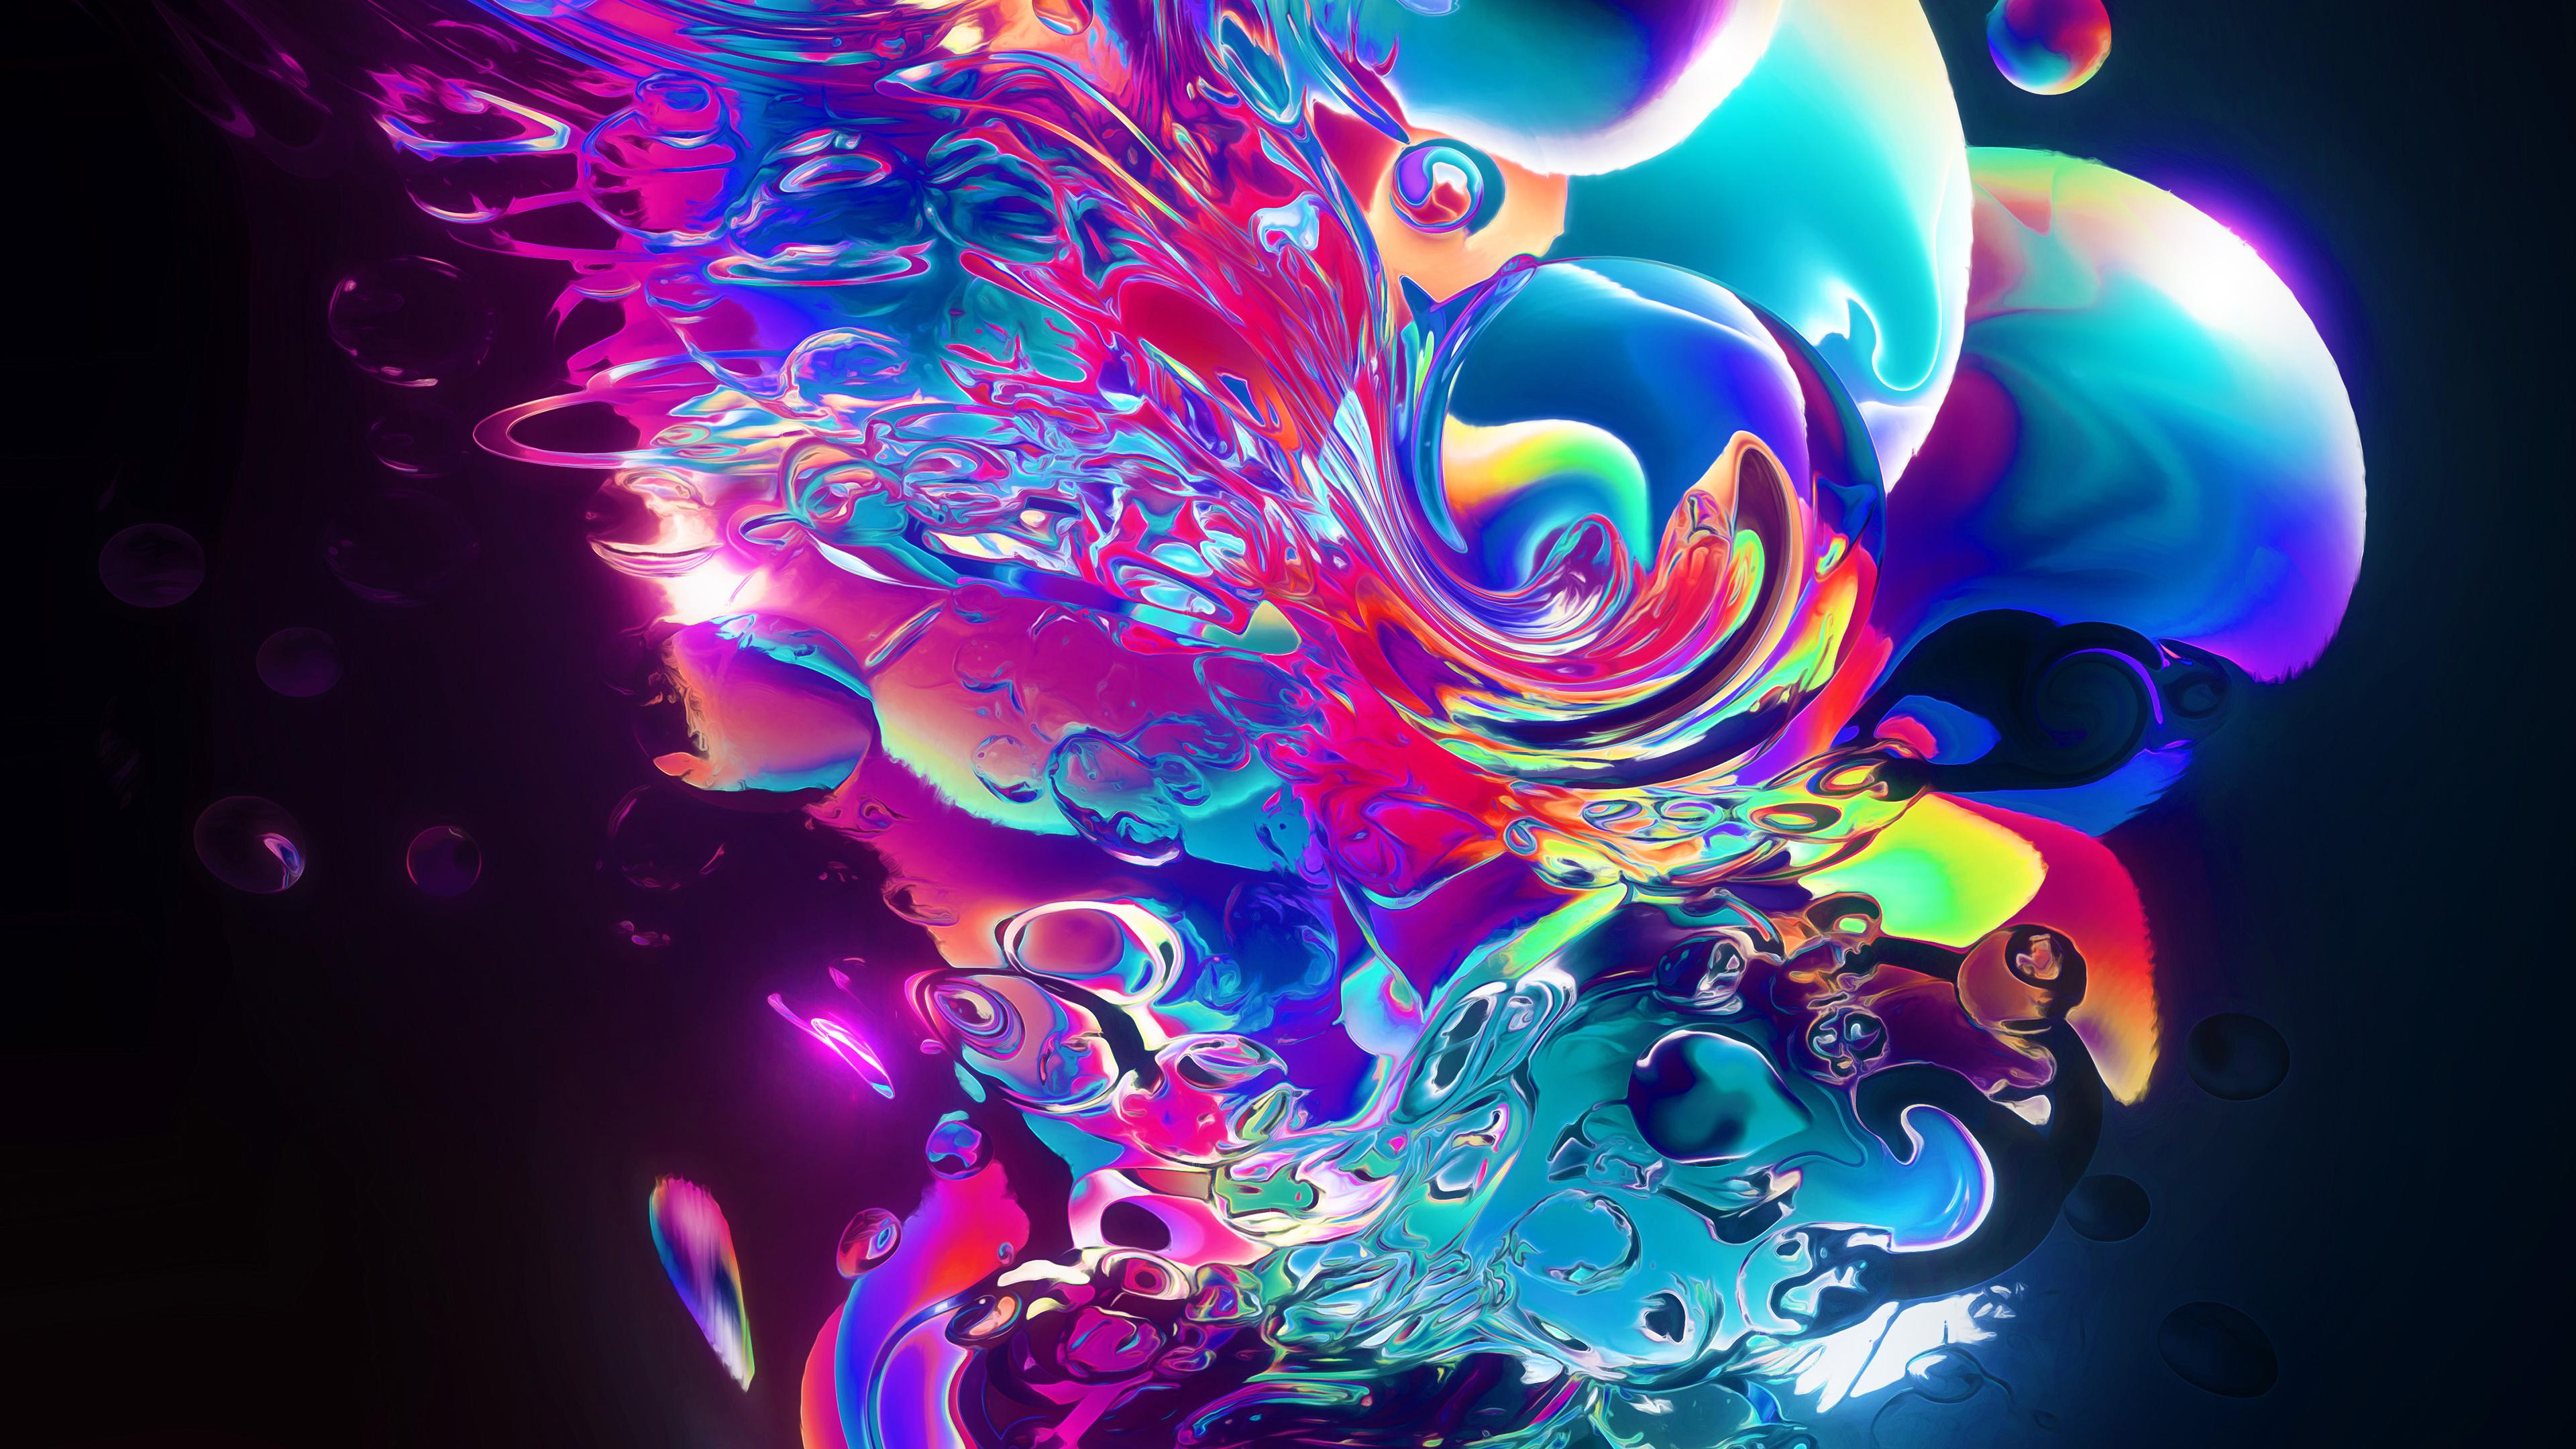 aqueous abstract art 4k 1553075413 - Aqueous Abstract Art 4k - hd-wallpapers, behance wallpapers, artist wallpapers, art wallpapers, abstract wallpapers, 4k-wallpapers